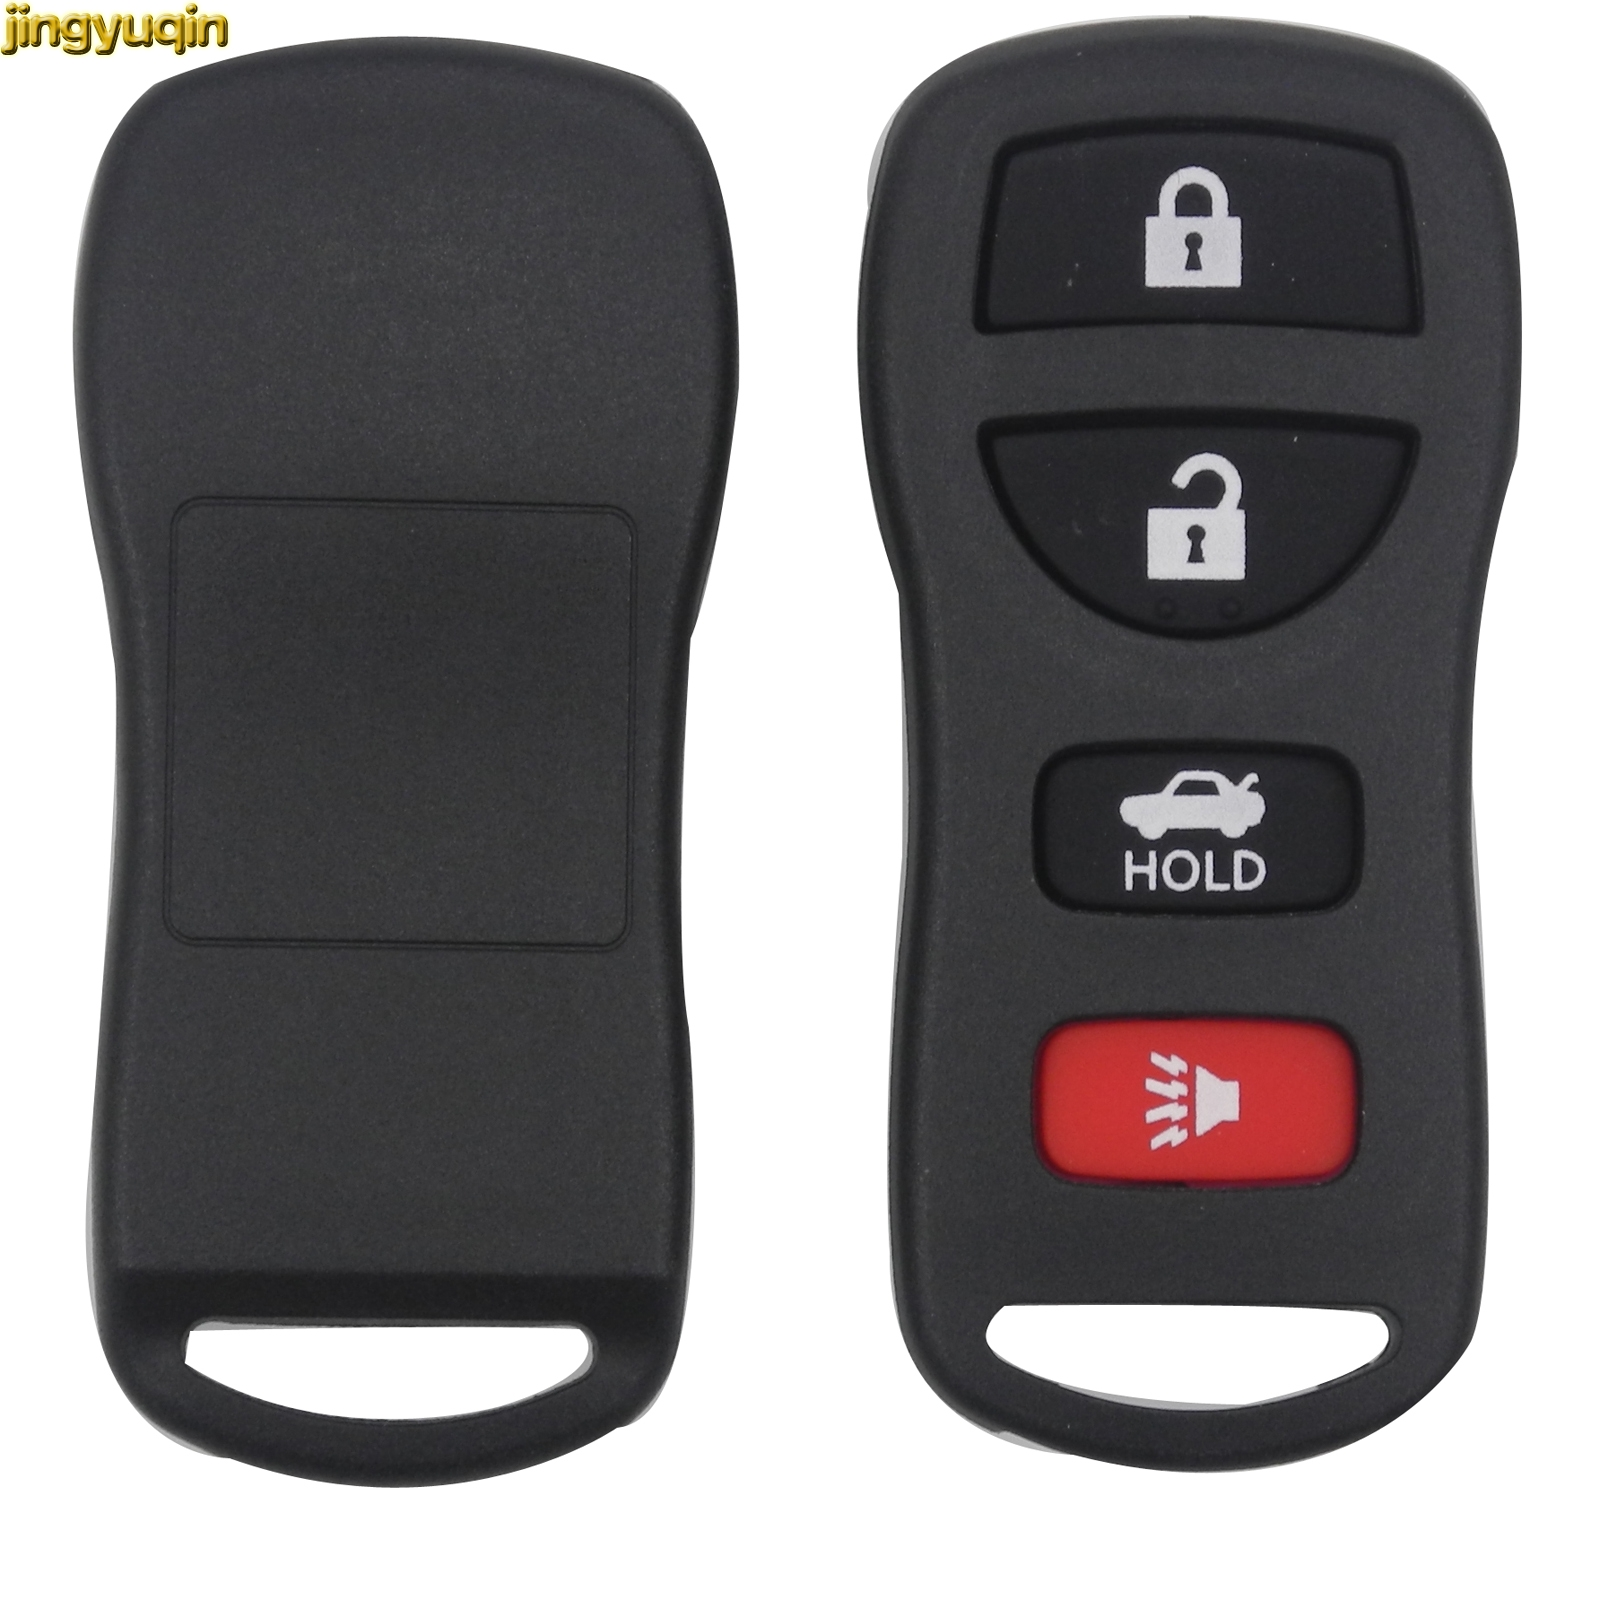 Remote Car Key Shell for Nissan Sentra Armada 350Z Altima Maxima Infiniti FX35 EX35 FX45 QX56 G35 M45 I35 Key Fob Case Cover